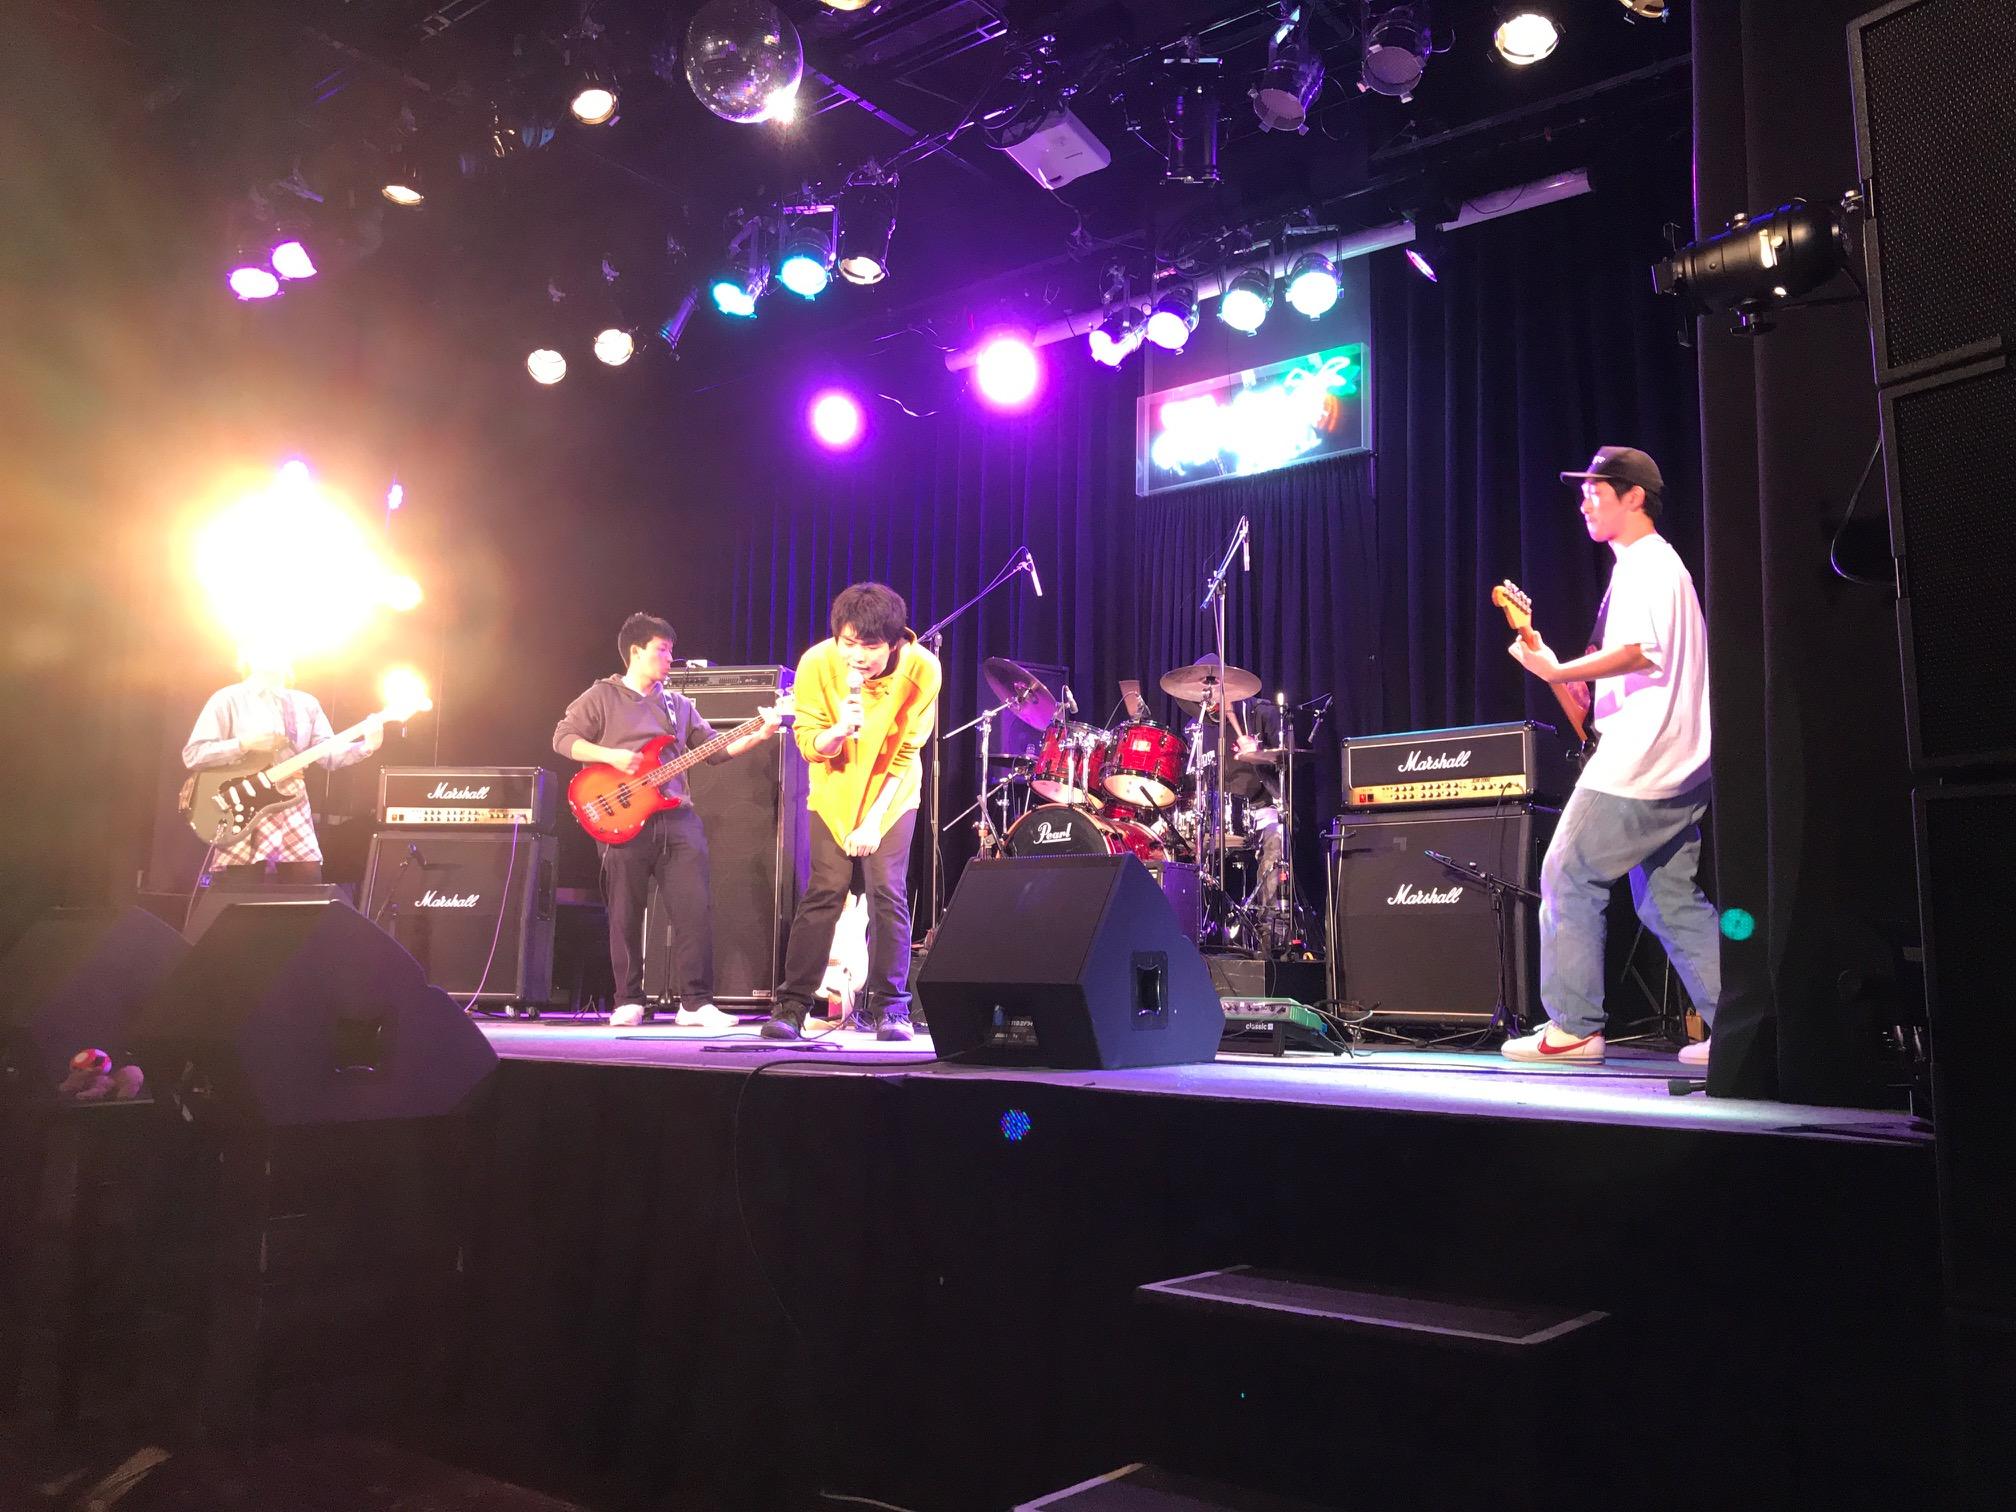 国立音楽院パラダイスホールのステージ上でパフォーマンスする学院生で編成されたロックバンド。